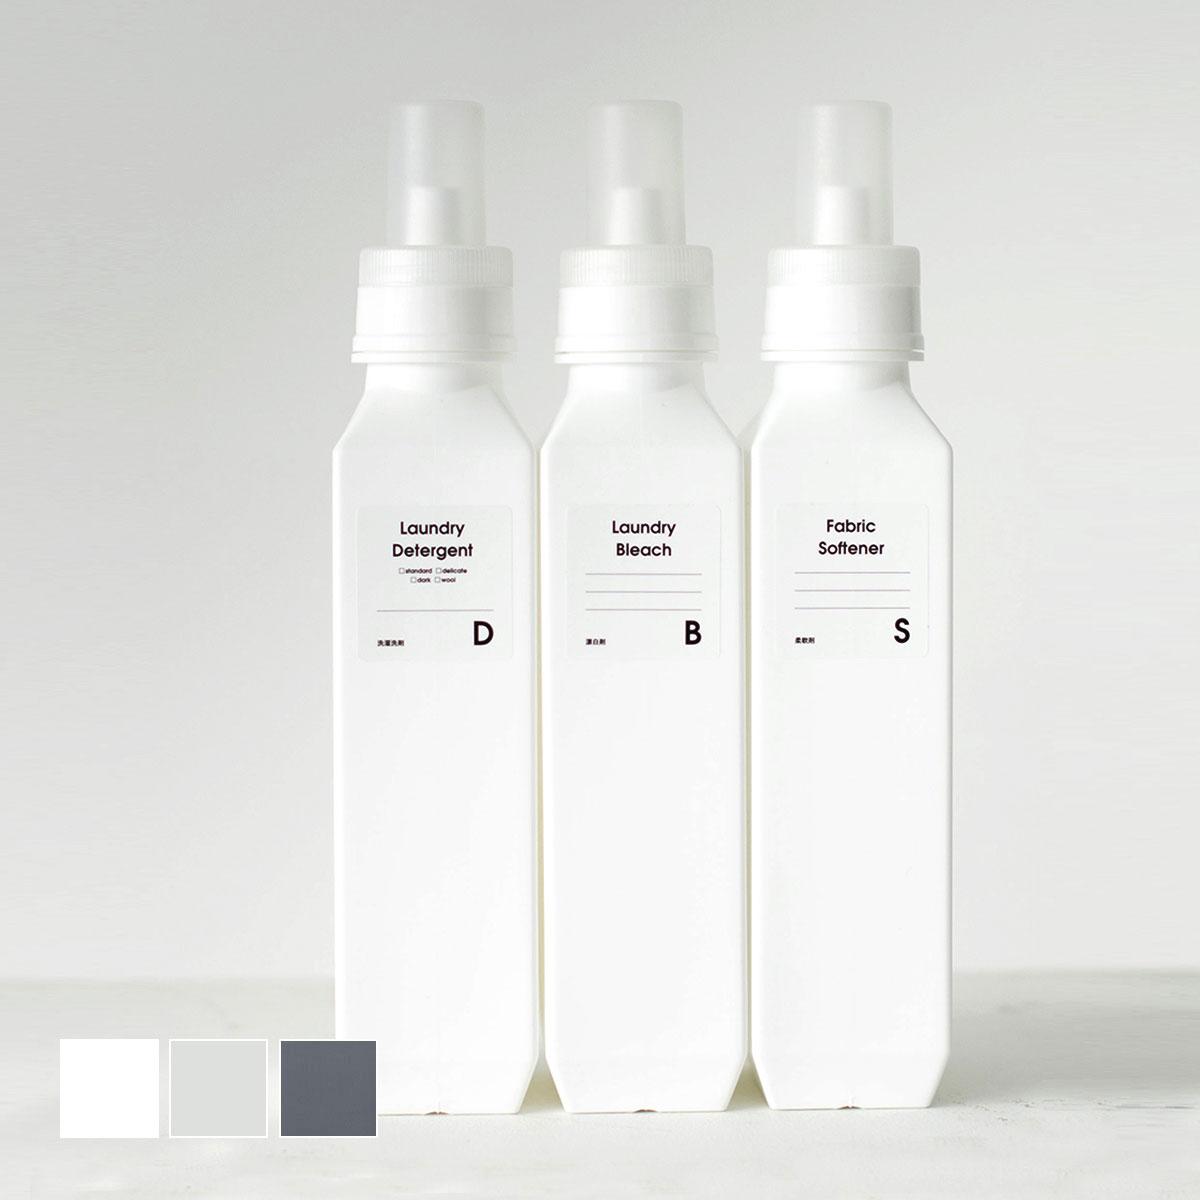 RoomClip商品情報 - 洗濯洗剤 柔軟剤 詰め替えボトル [b2c ランドリーボトル-L 1000ml] ラベル・シール別売 サラサデザインストア sarasa design store